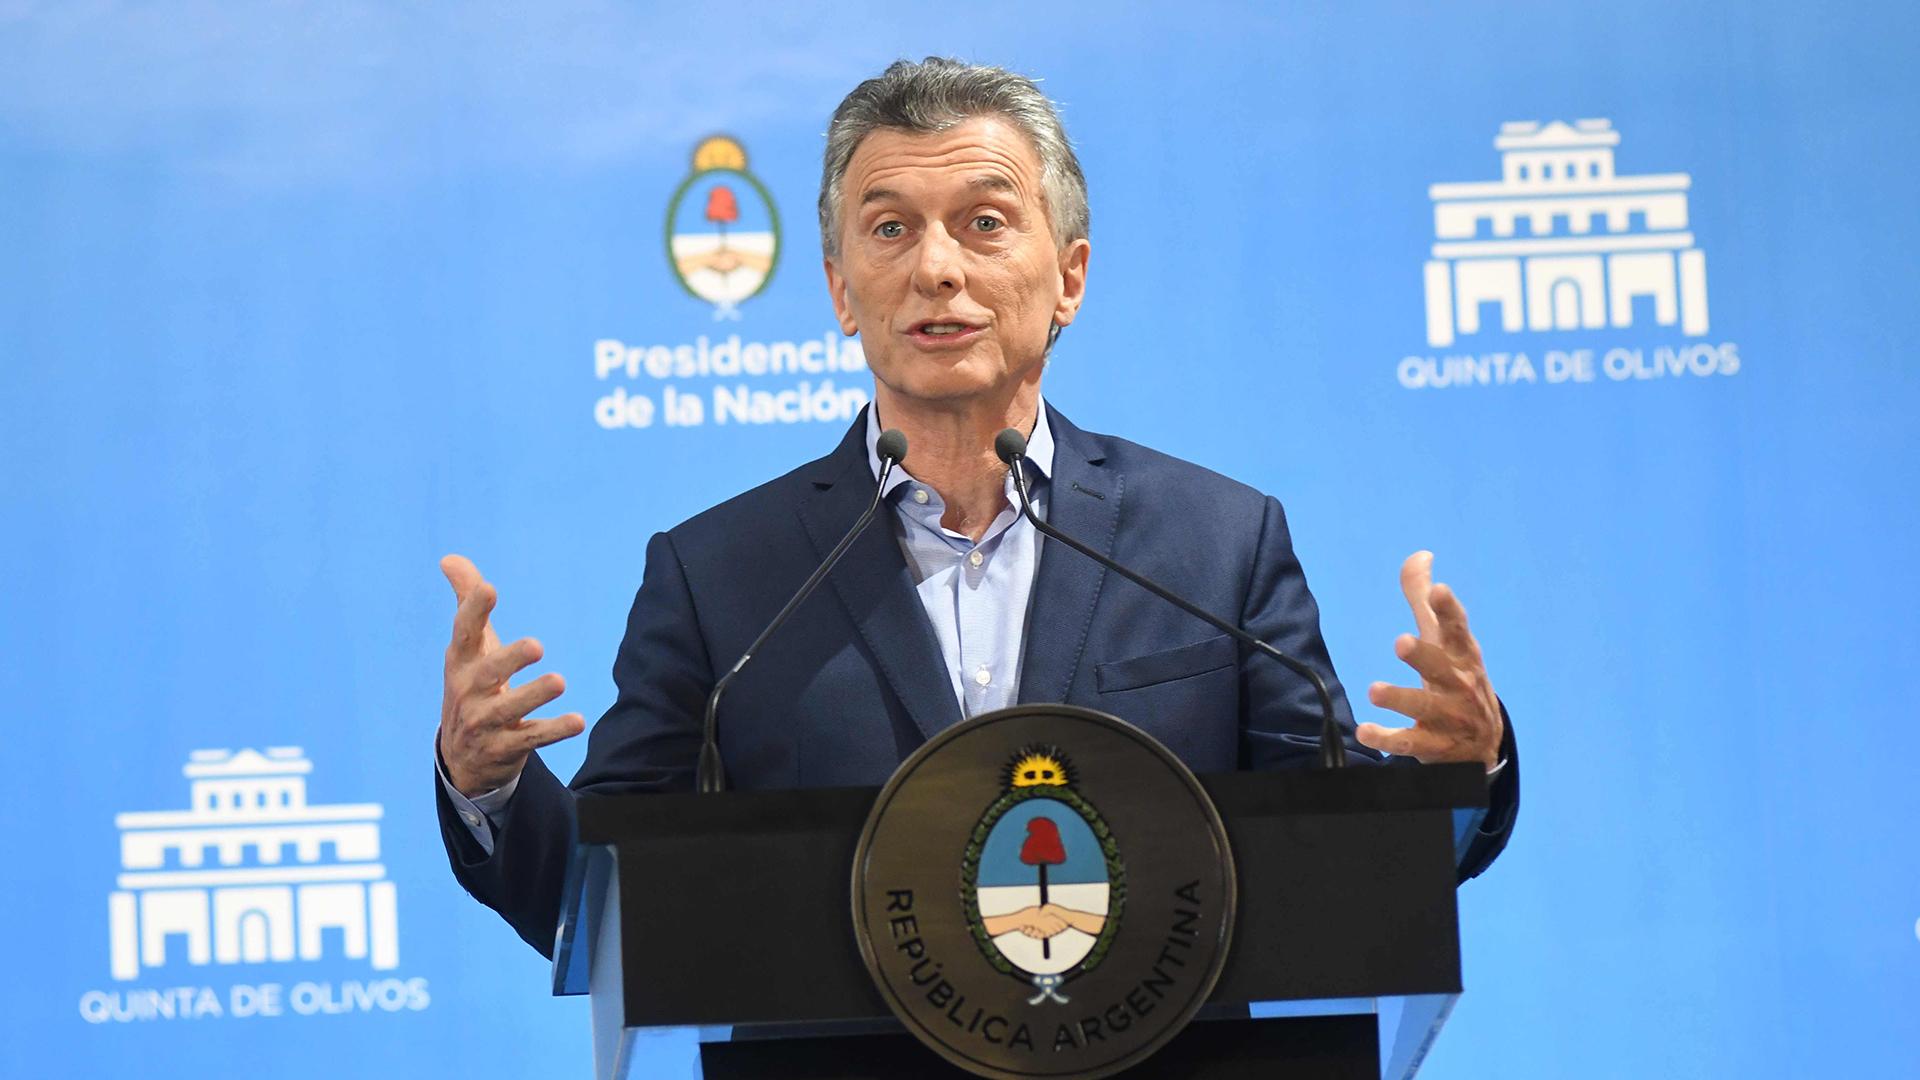 Los intelectuales criticaron la dirección económica y política del gobierno de Mauricio Macri (Fabian Ramella)